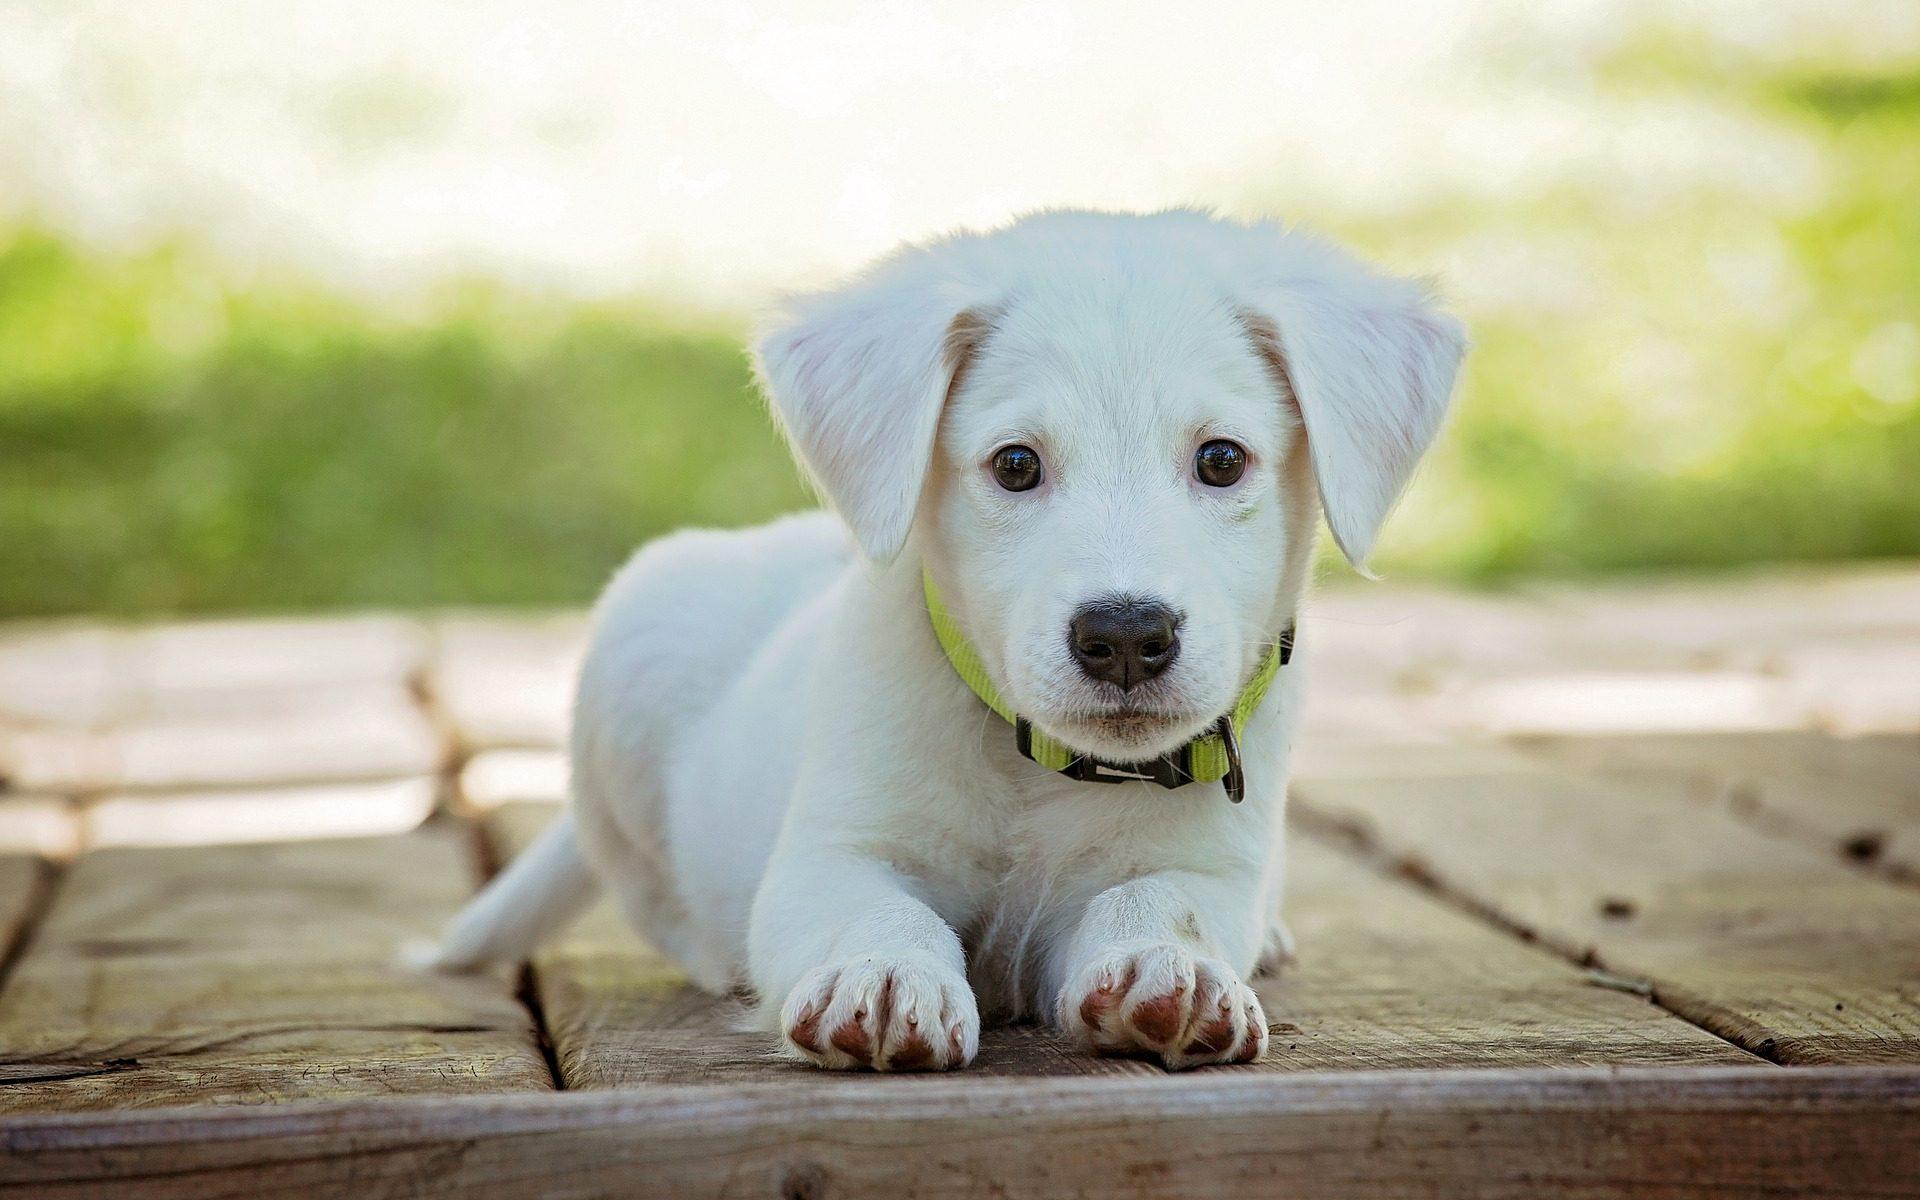 95cac6c2b5fa Σκέφτομαι να πάρω σκύλο